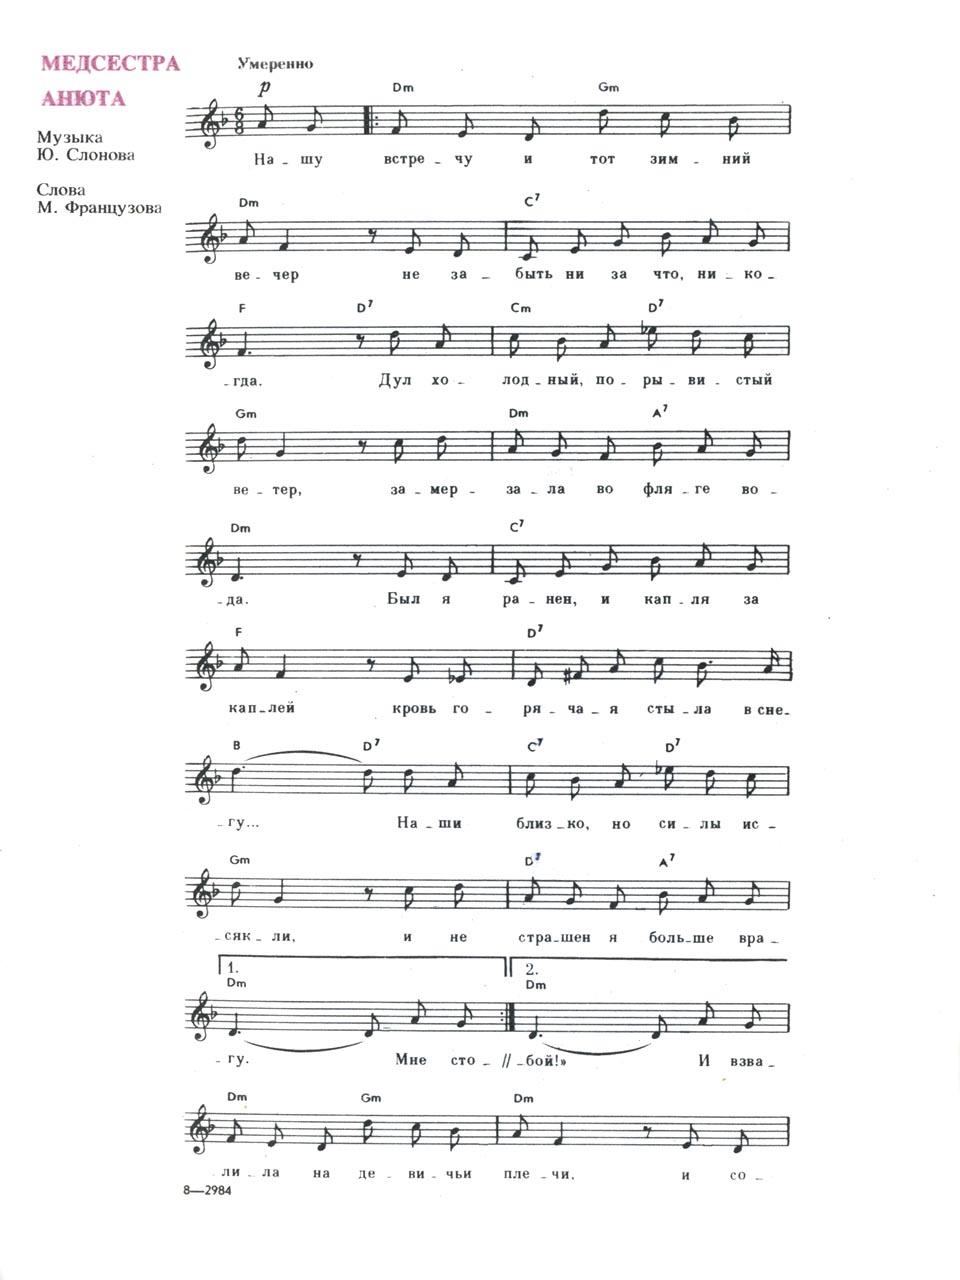 Ю. Слонов, М. Французов. Песня «Медсестра Анюта». Ноты для голоса и аккорды